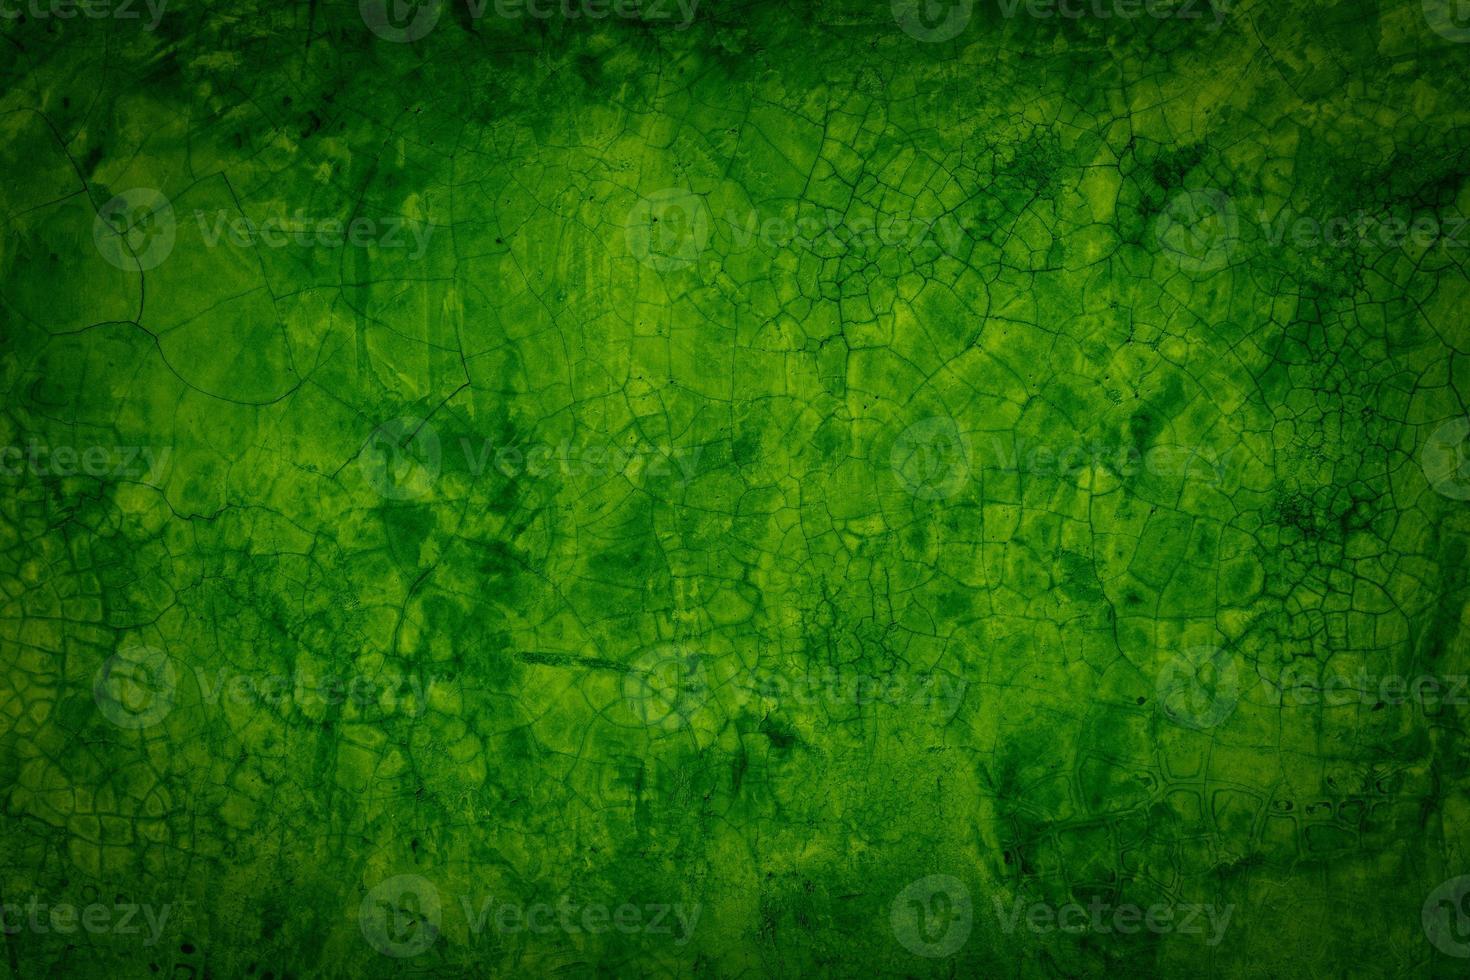 groene achtergrond met textuur foto